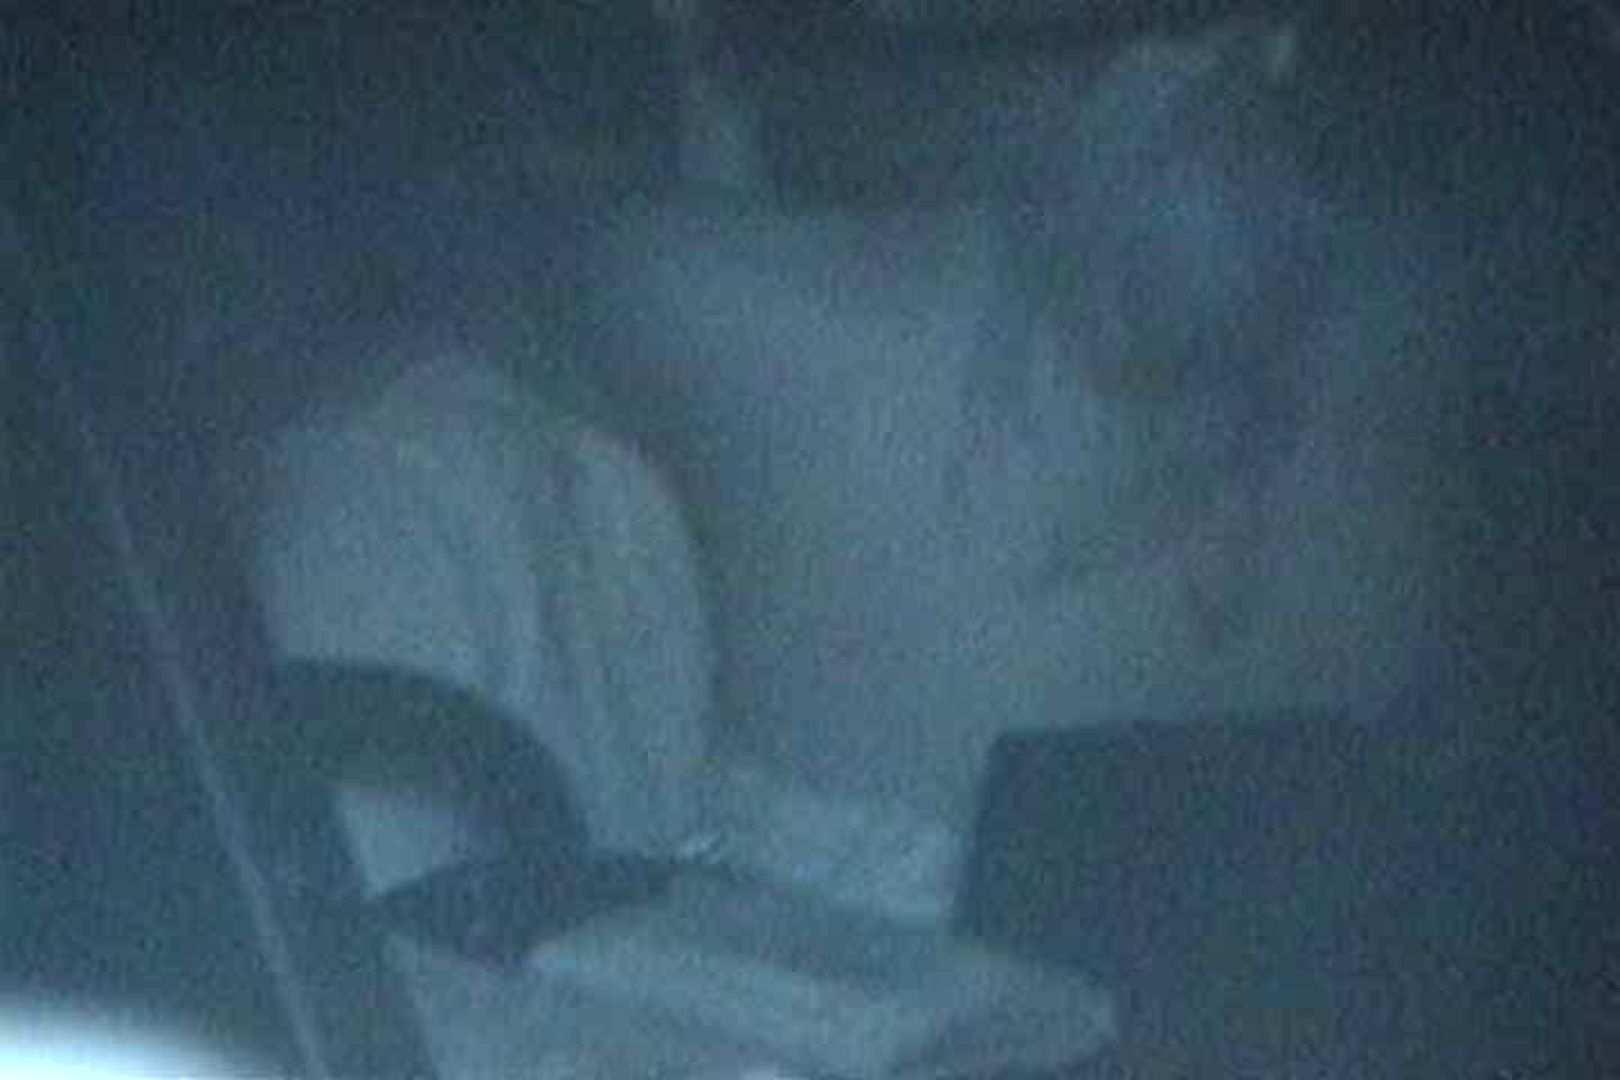 充血監督の深夜の運動会Vol.146 カップルのセックス エロ画像 94PIX 53